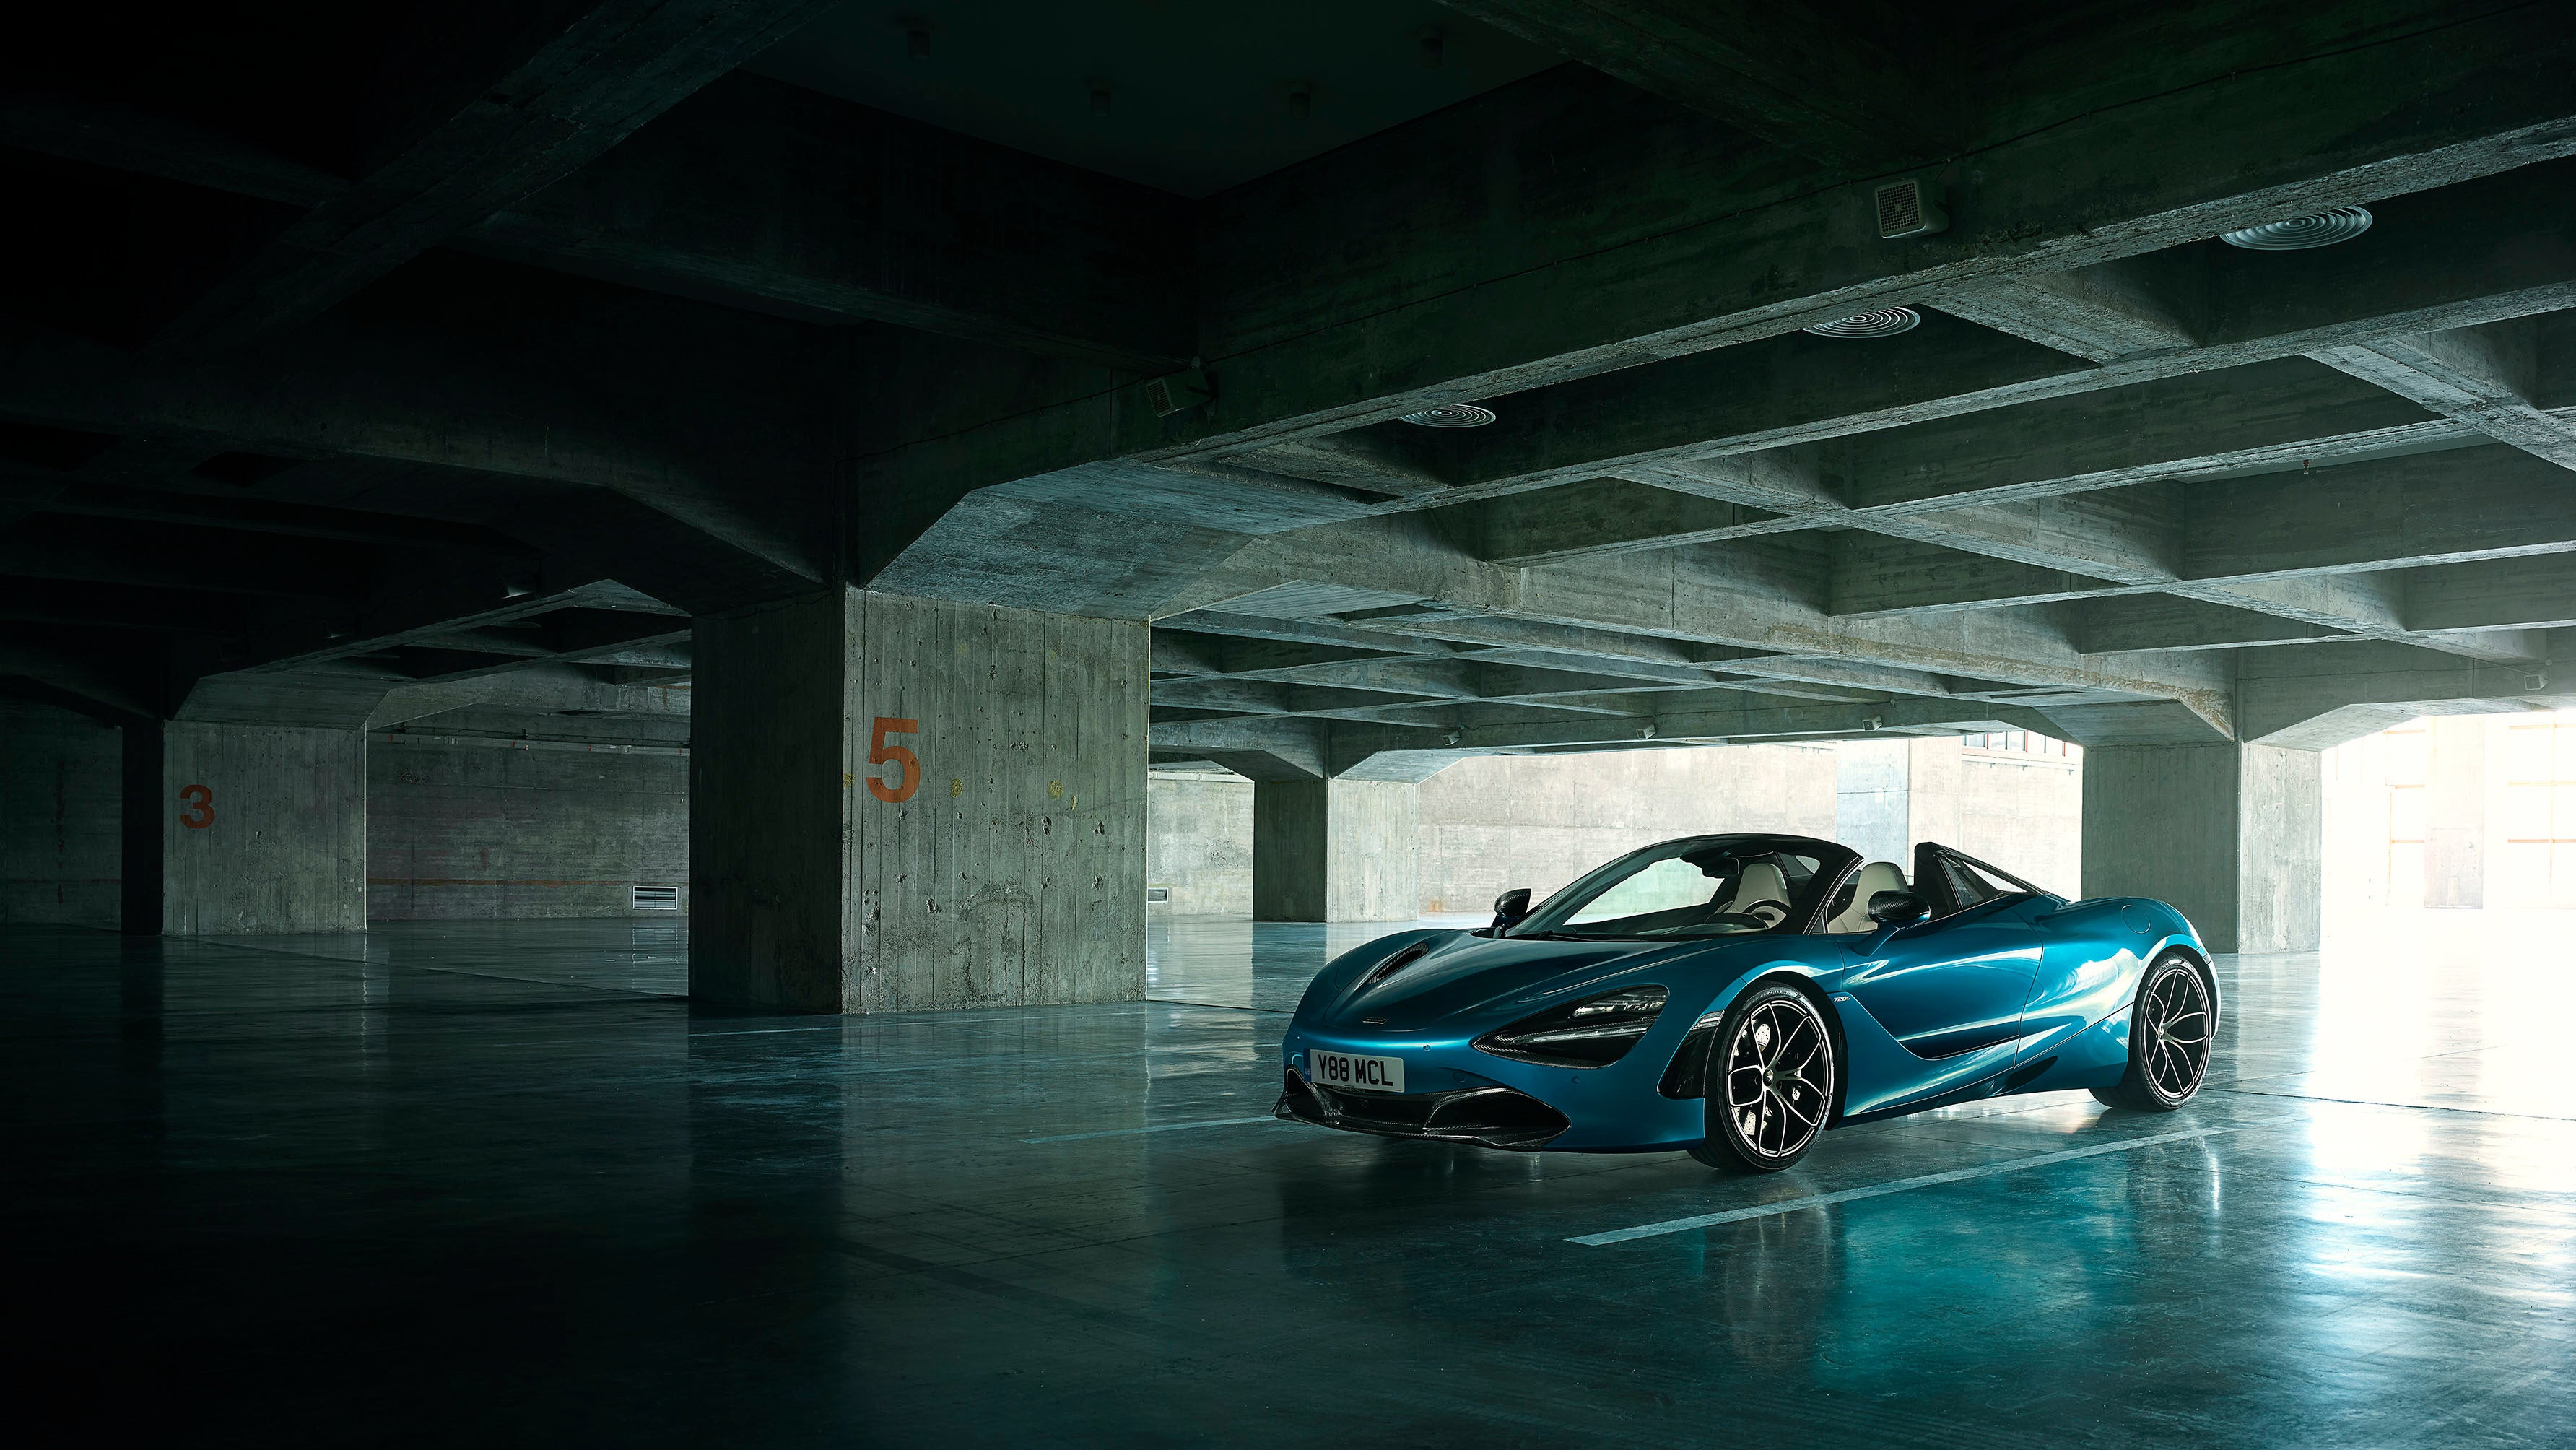 The 2019 McLaren 720S Spider Is A True 340Km/h Open Top